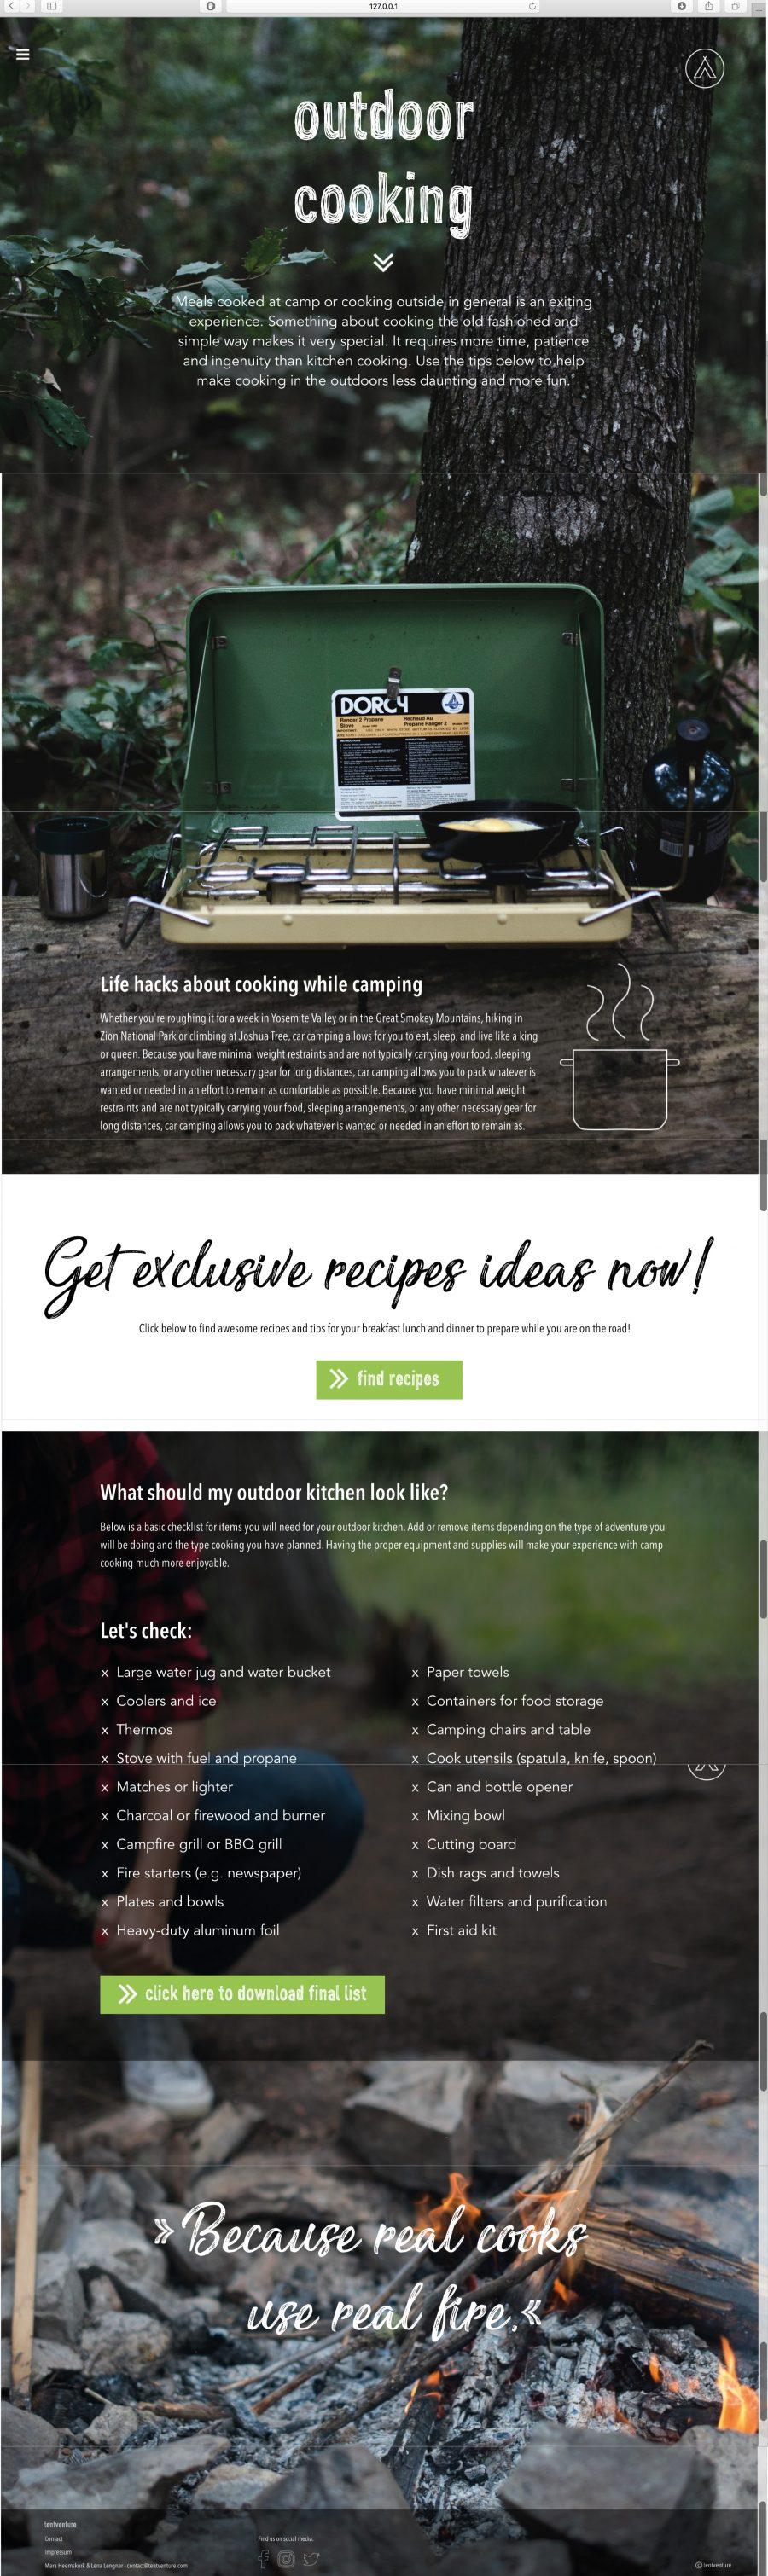 Heemskerk Lengner Website outdoor cooking